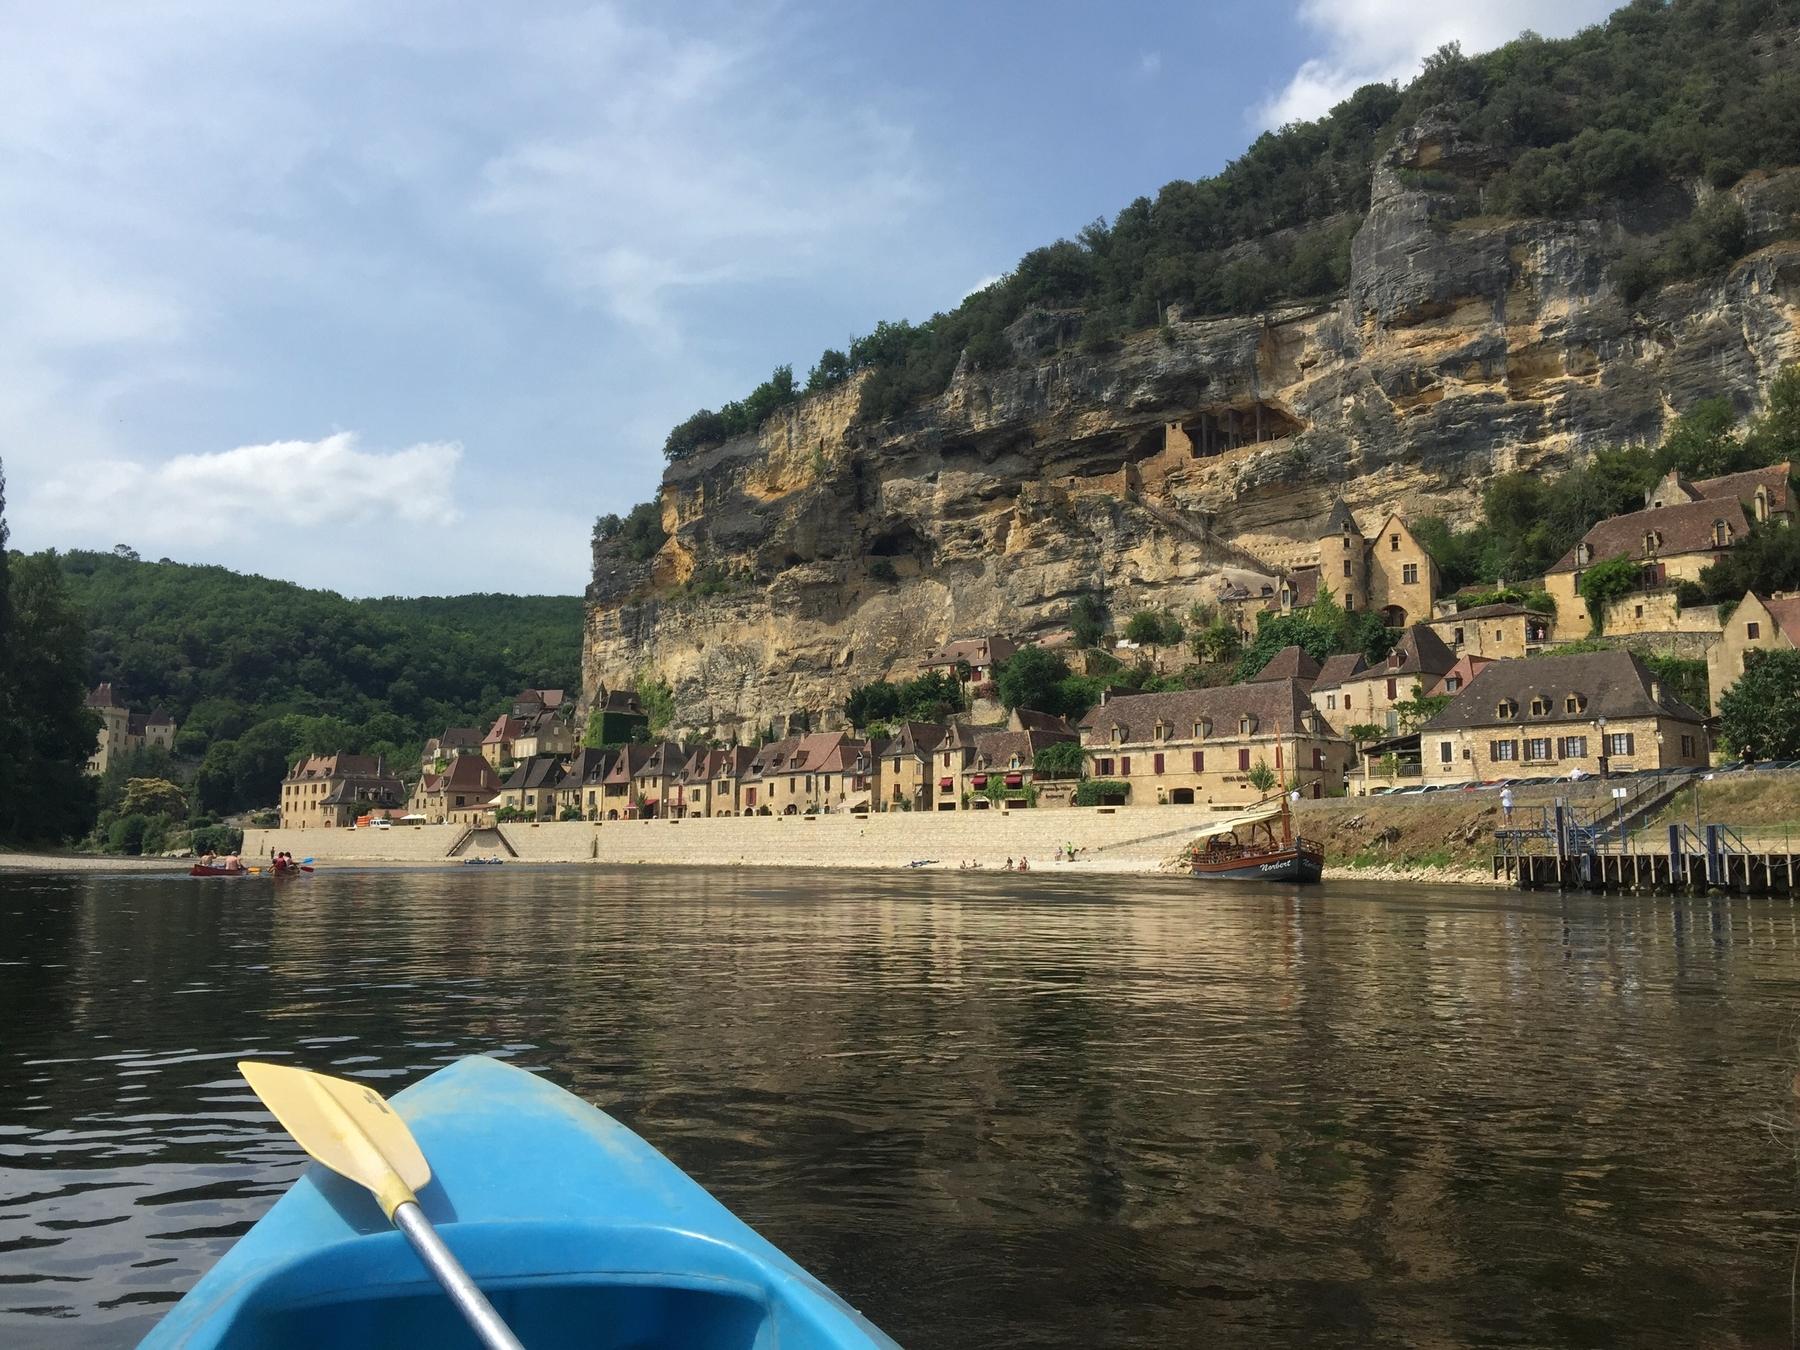 Camping et canoë, un plaisir estival